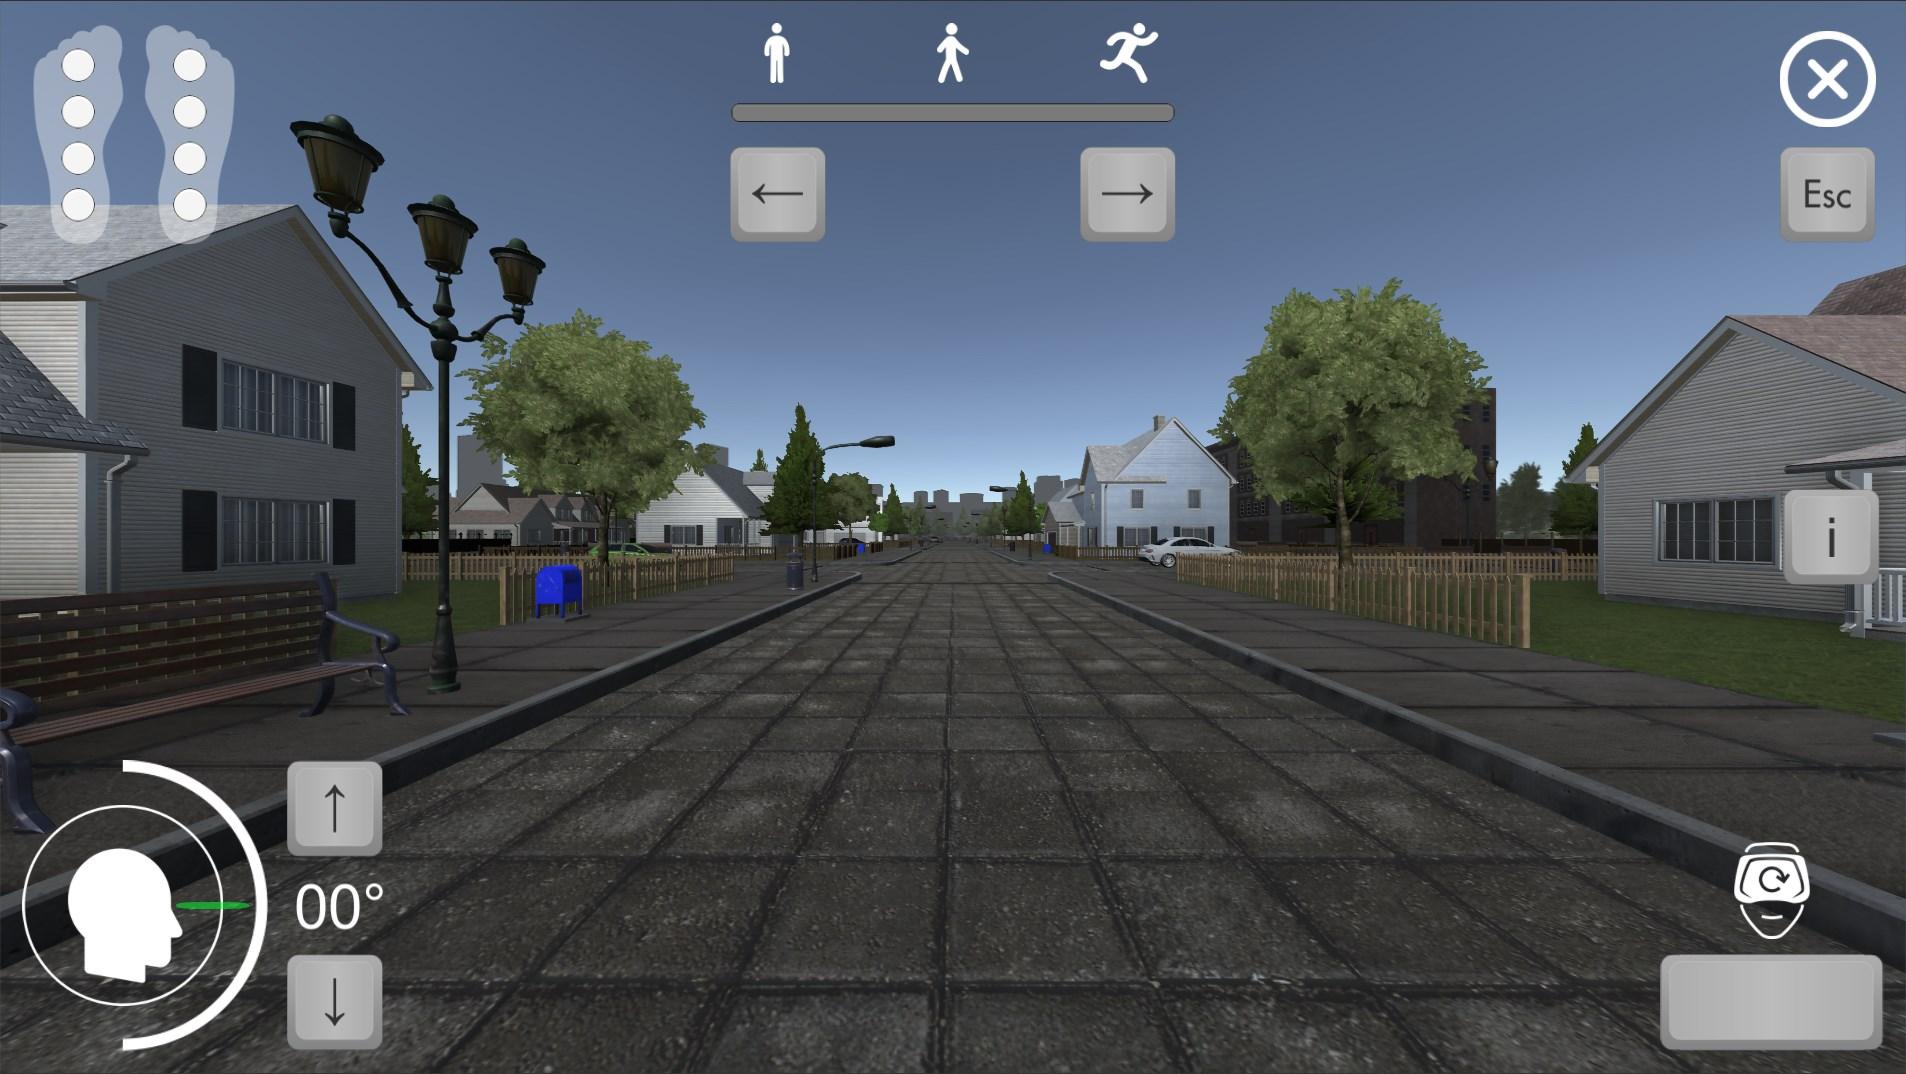 Виртуальная реальность – игра, лечение, жизнь. Технологии VR на службе реабилитационной медицины - 5